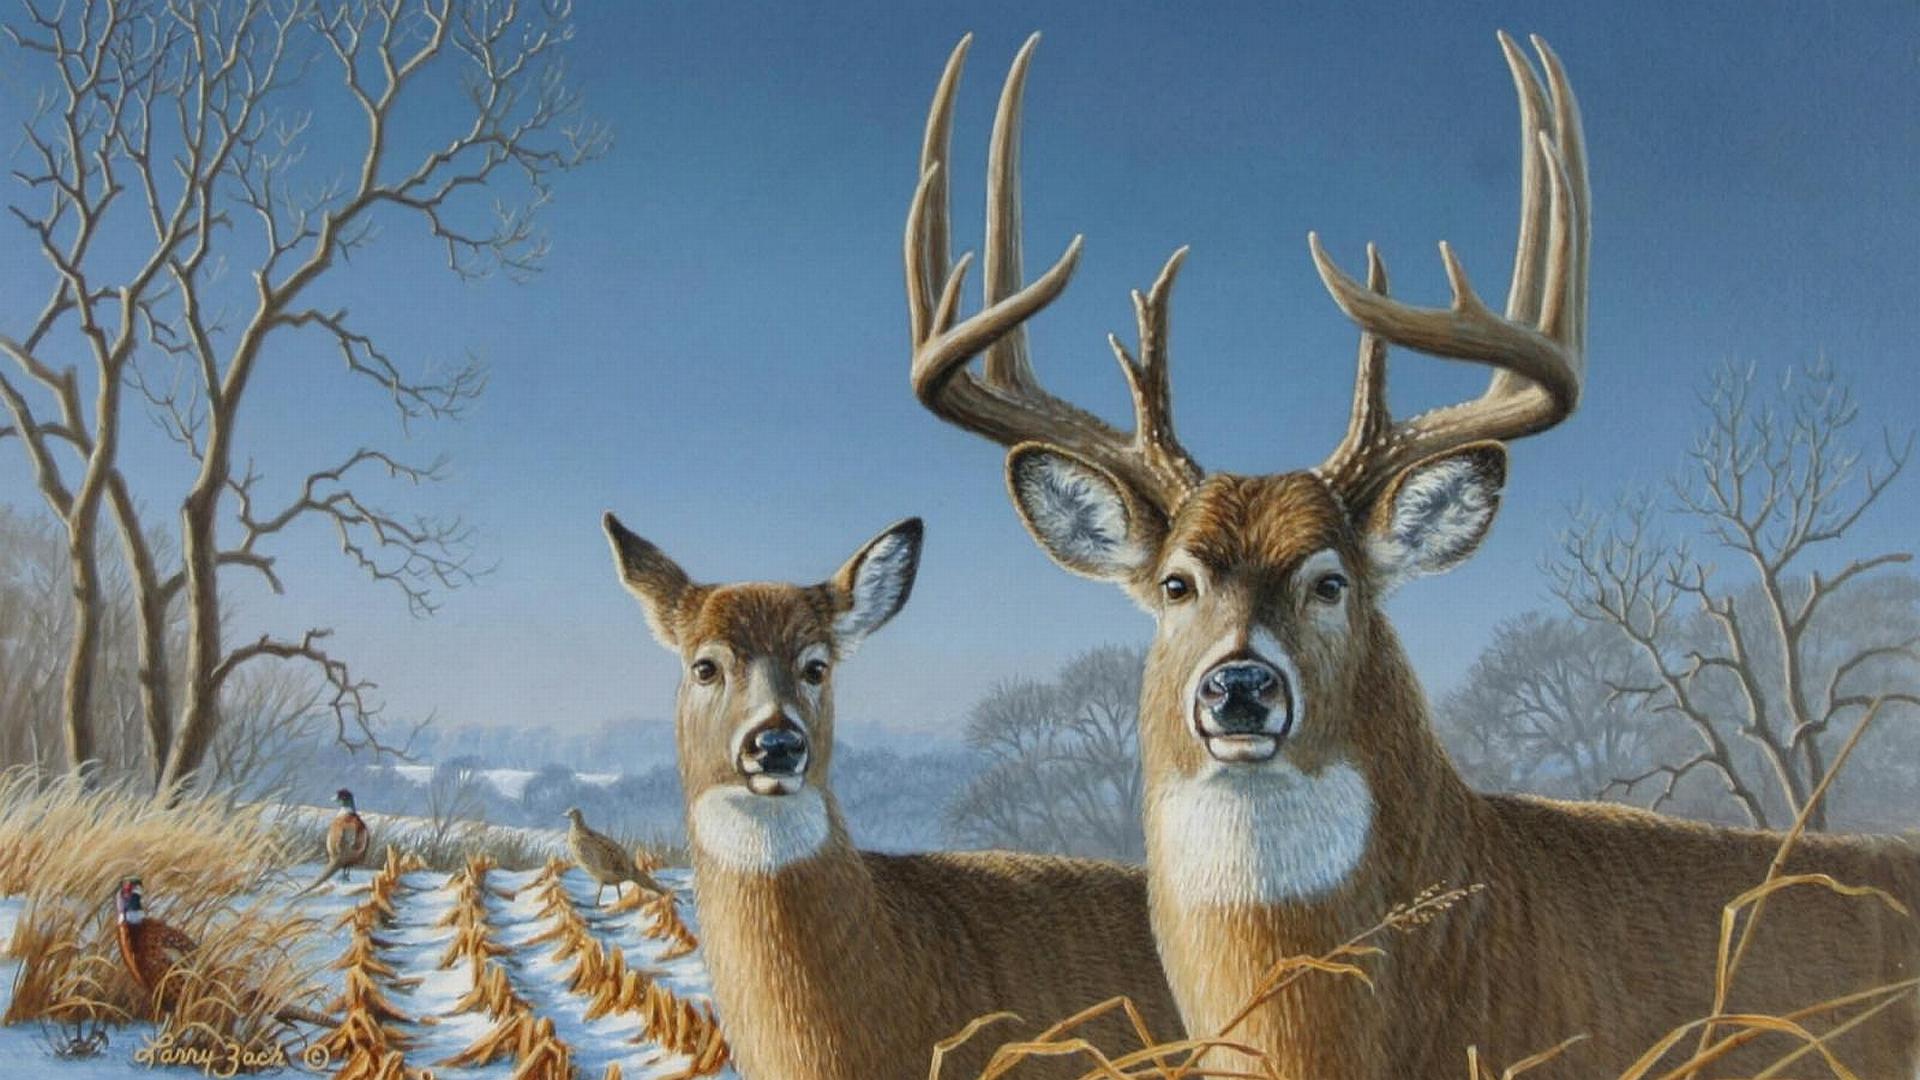 deer Wallpaper Background 3126 1920x1080